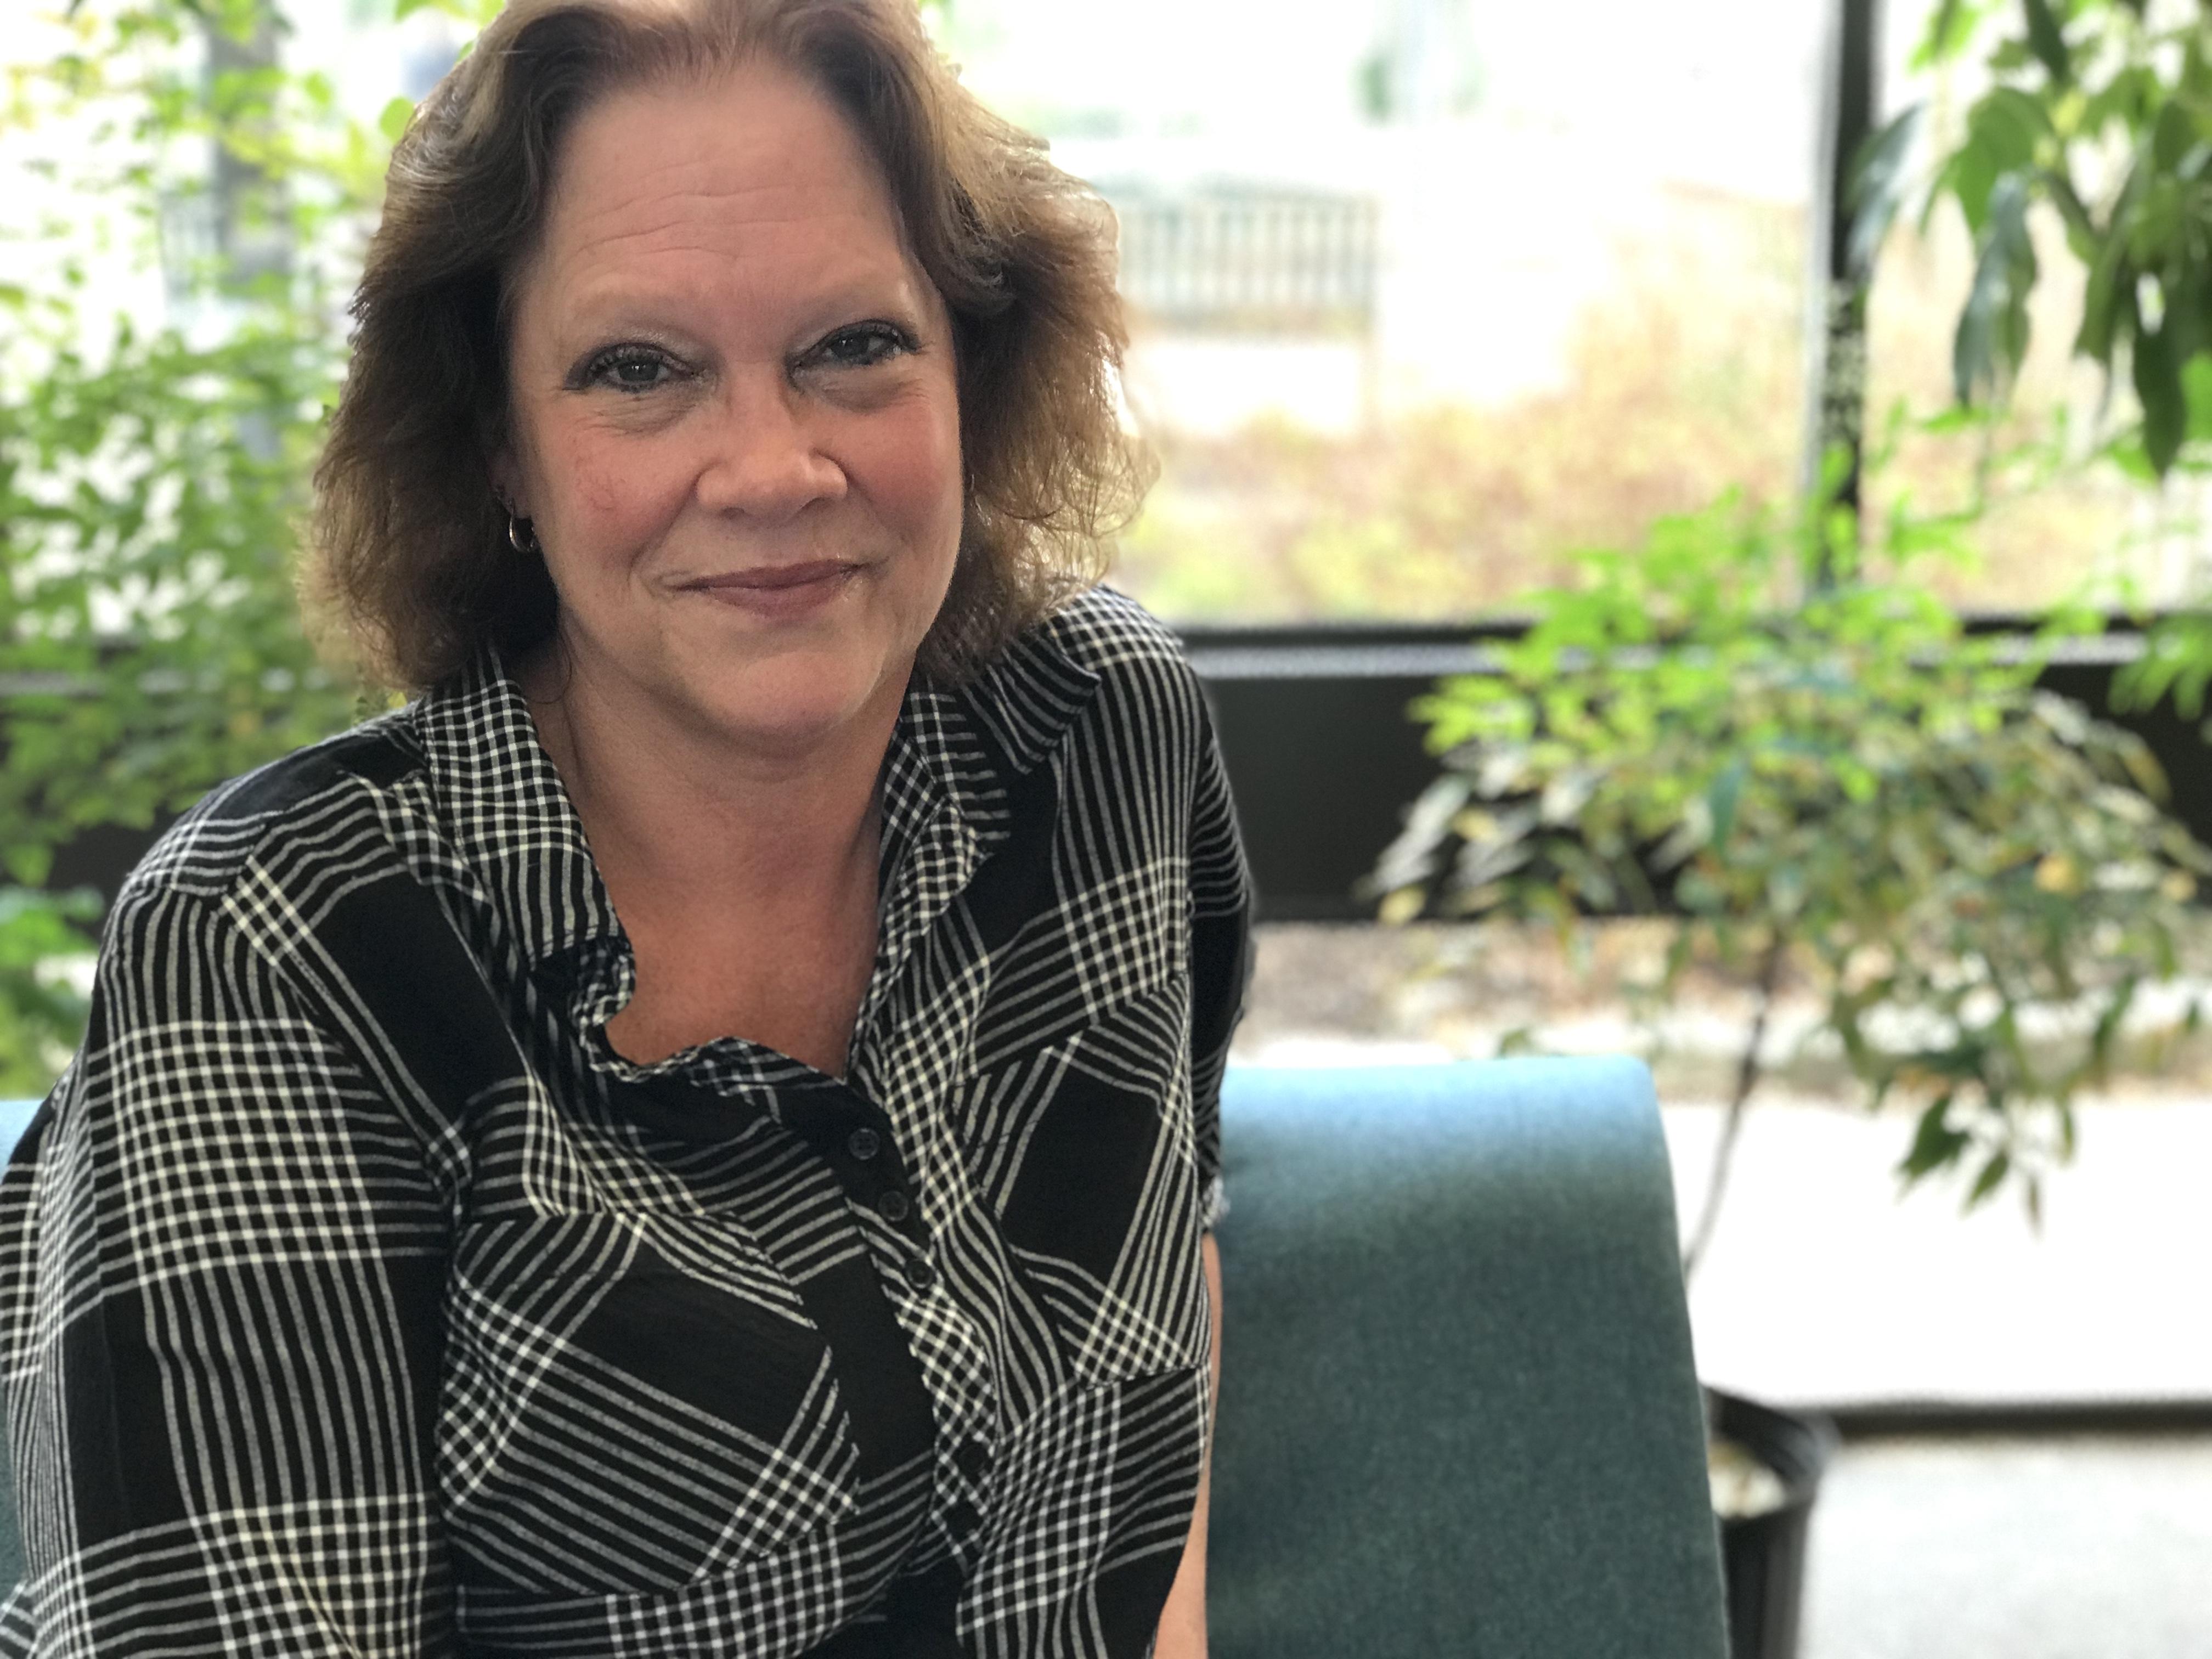 Kathy Michaels